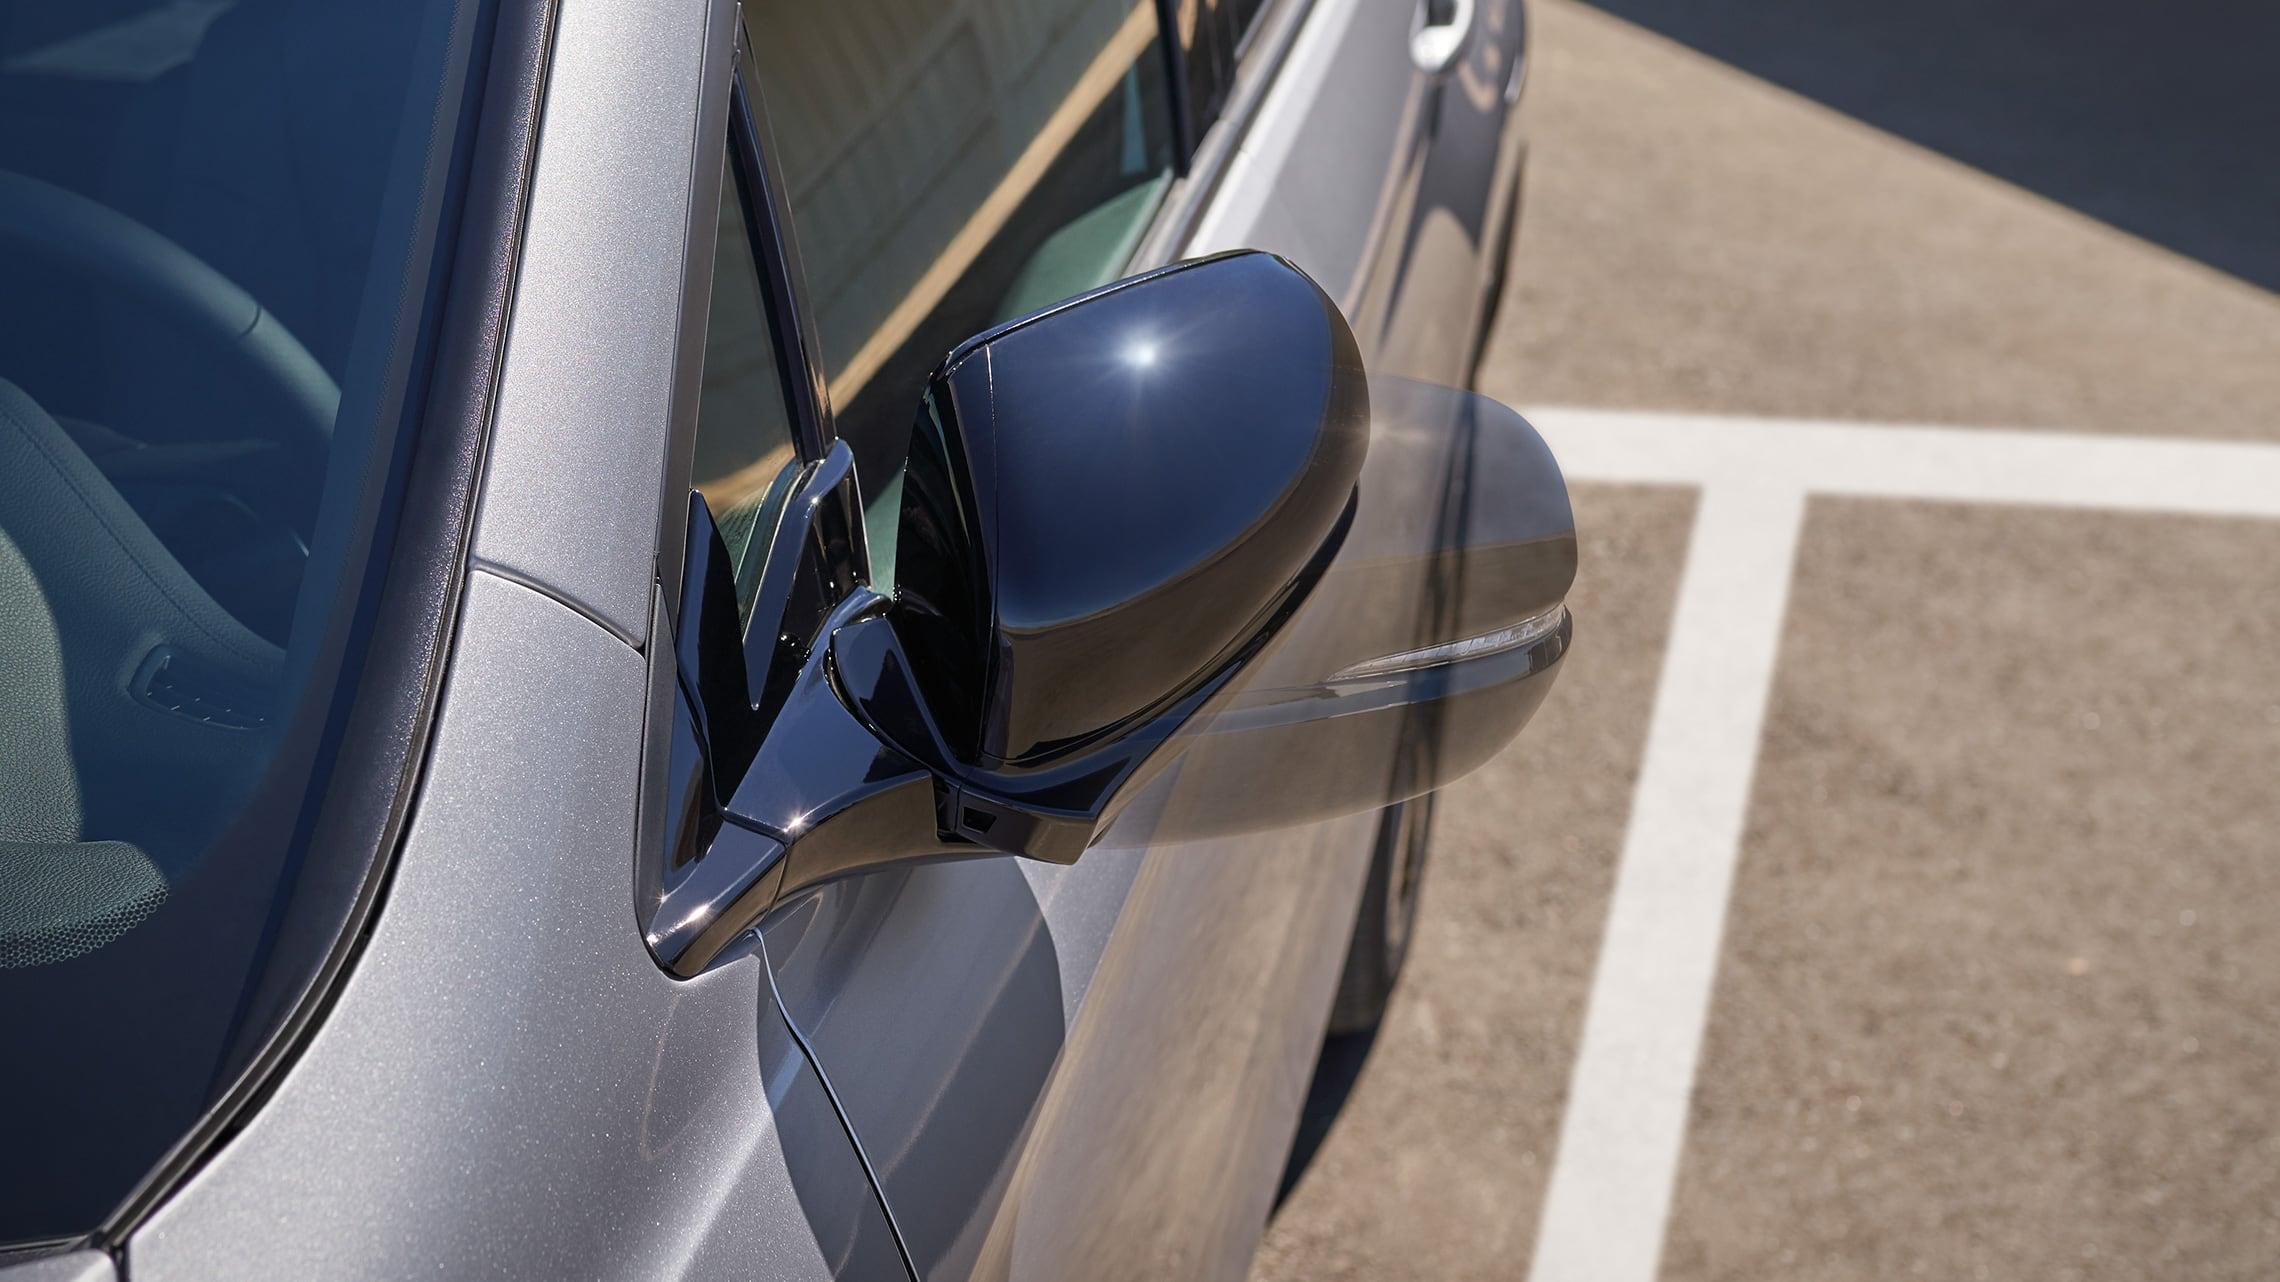 Honda Passport Elite2019 en Lunar Silver Metallic demostrando el movimiento del espejo lateral con pliegue eléctrico y atenuación automática.